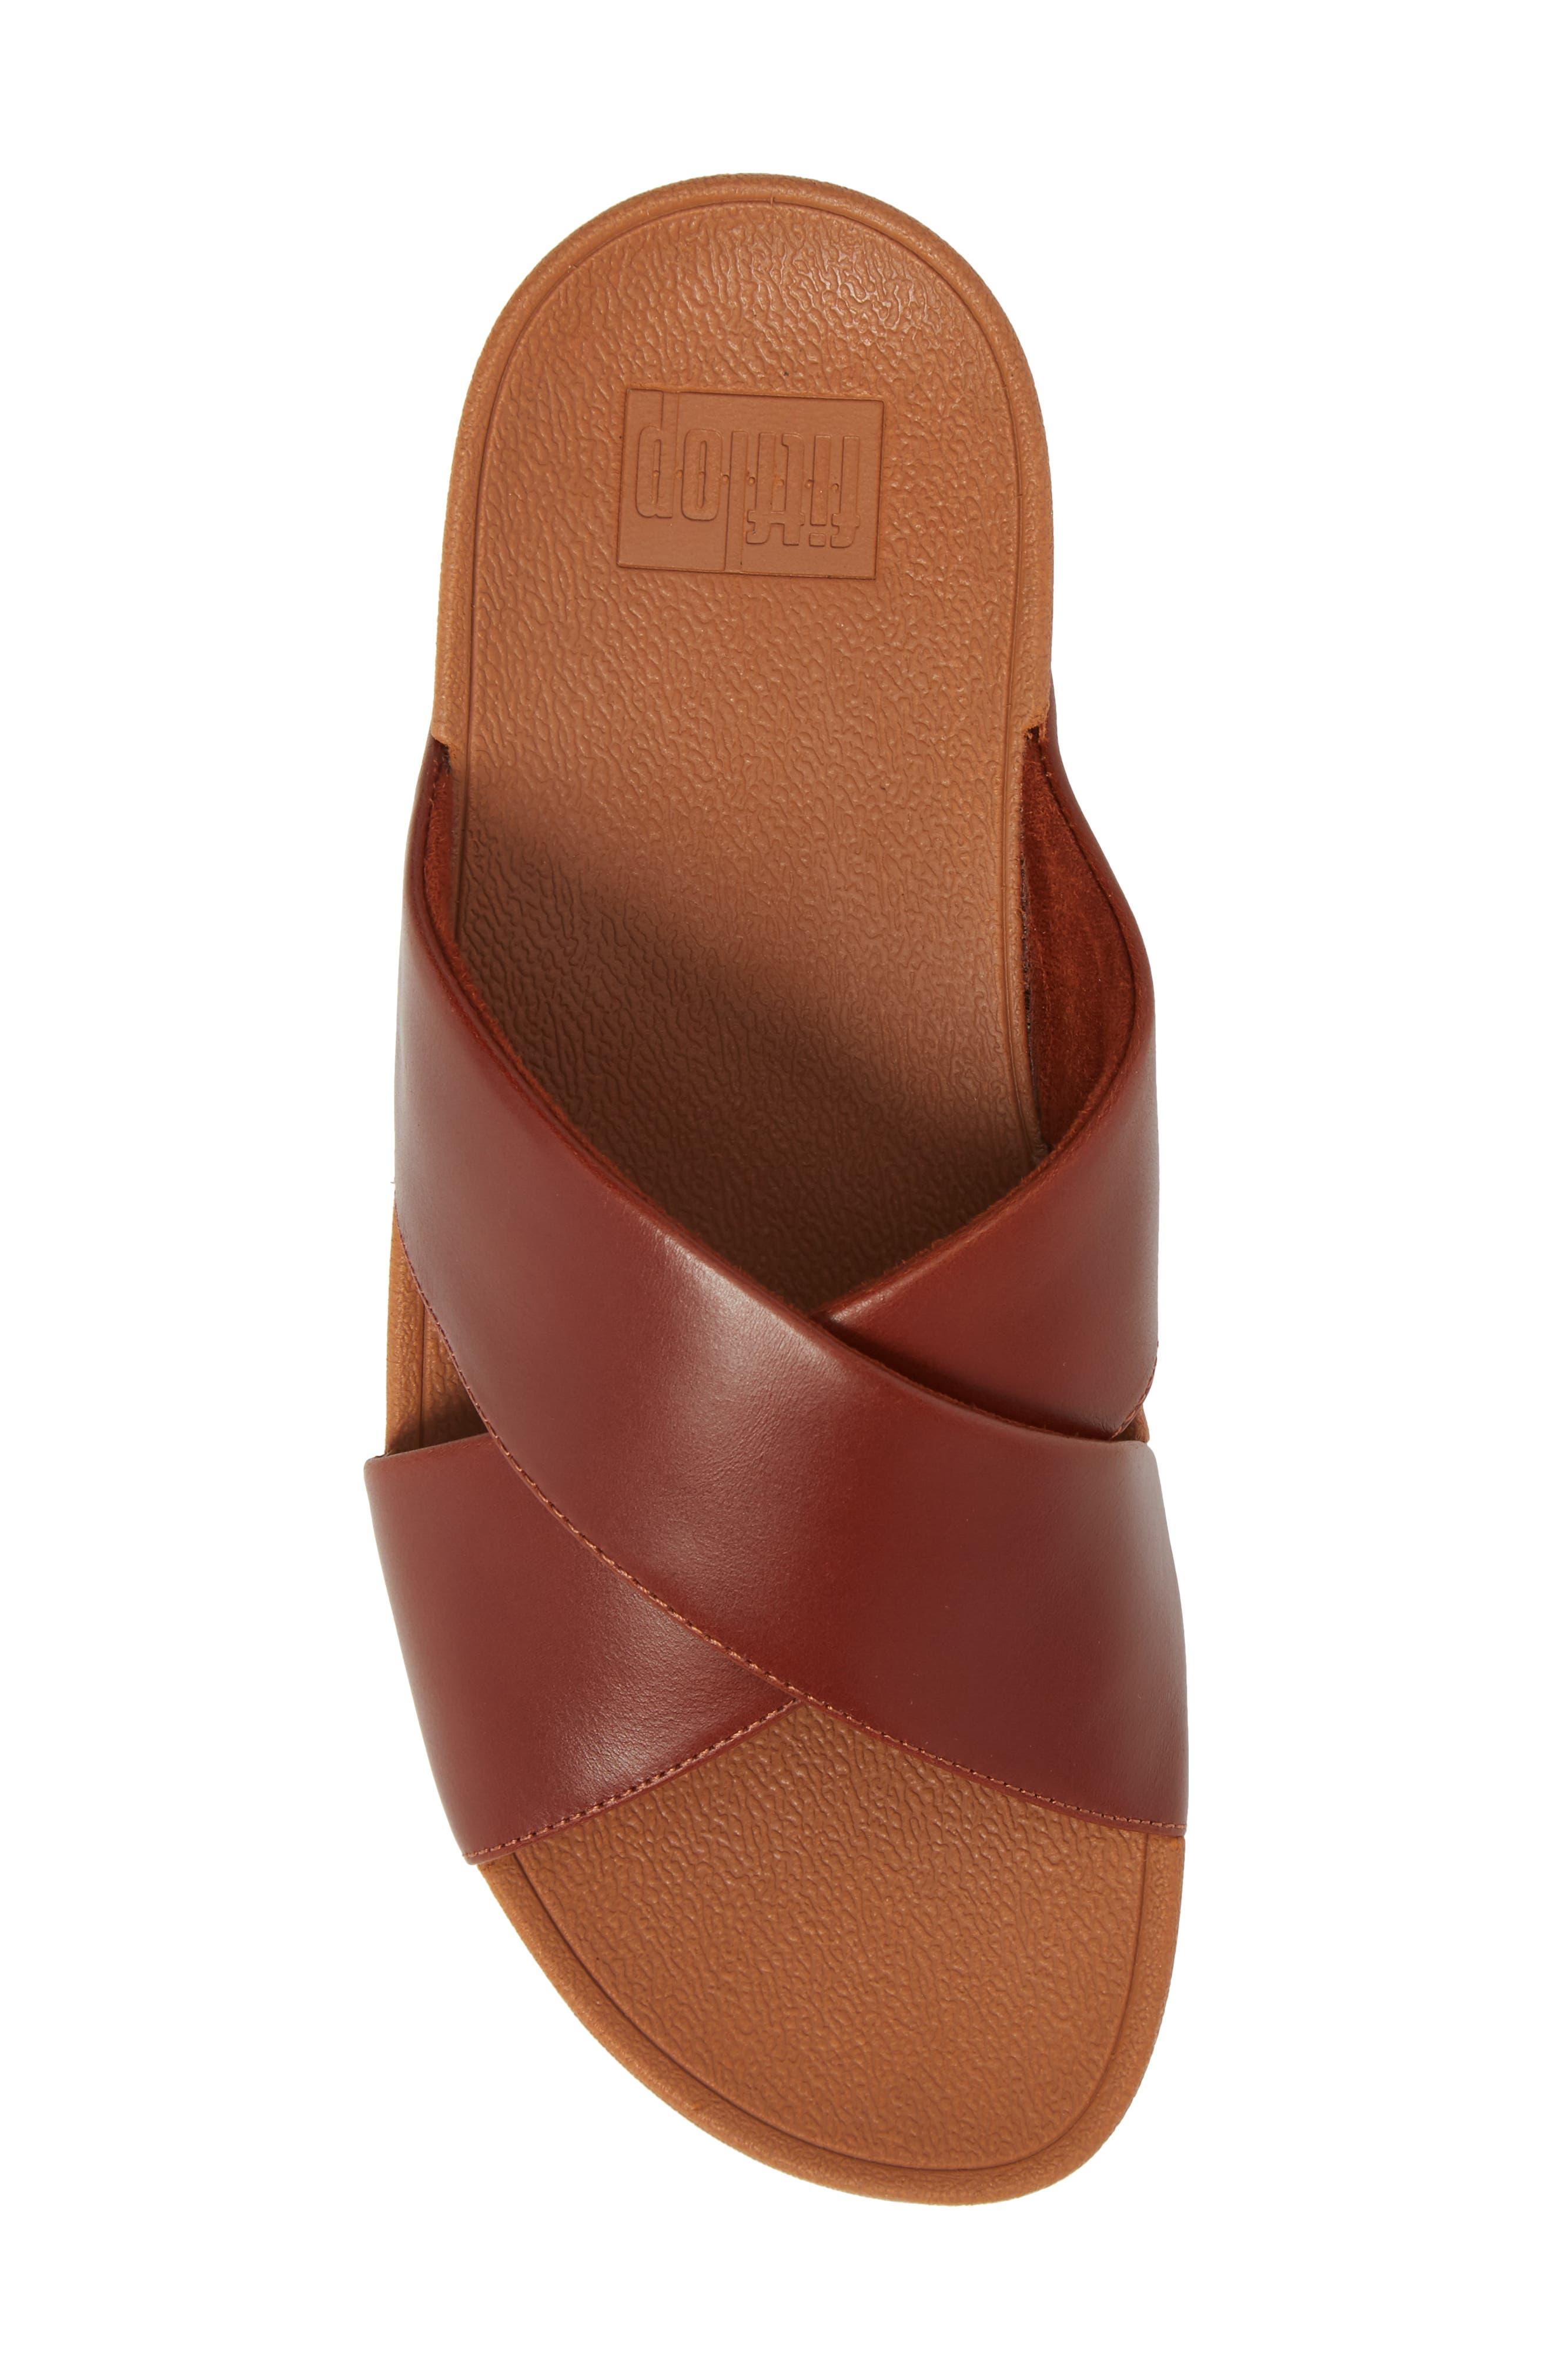 Lulu Cross Slide Sandal,                             Alternate thumbnail 5, color,                             Cognac